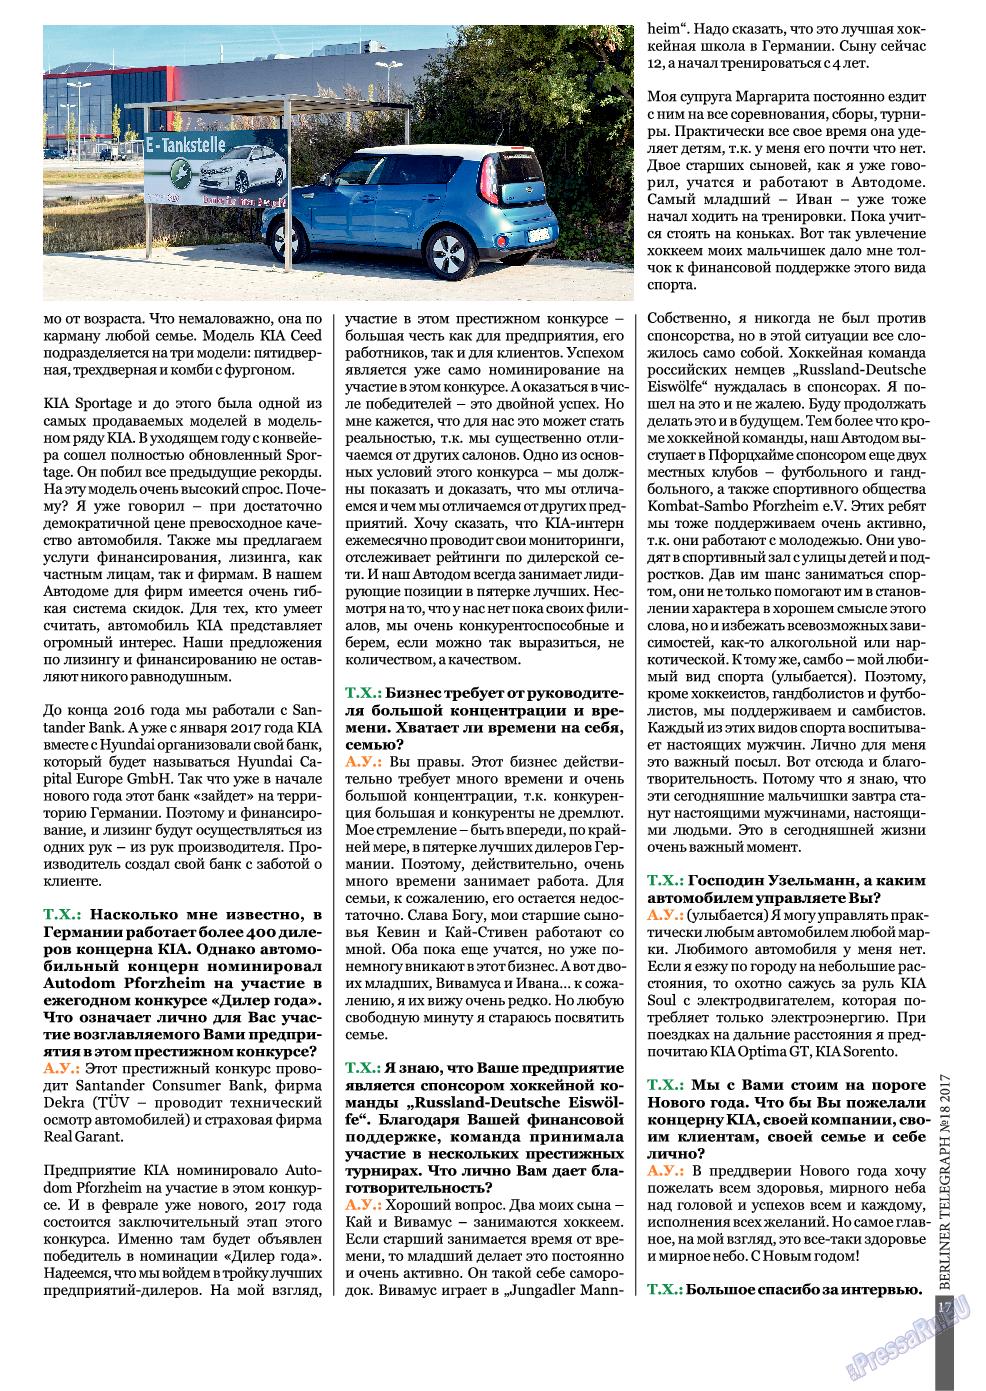 Берлинский телеграф (журнал). 2017 год, номер 18, стр. 17